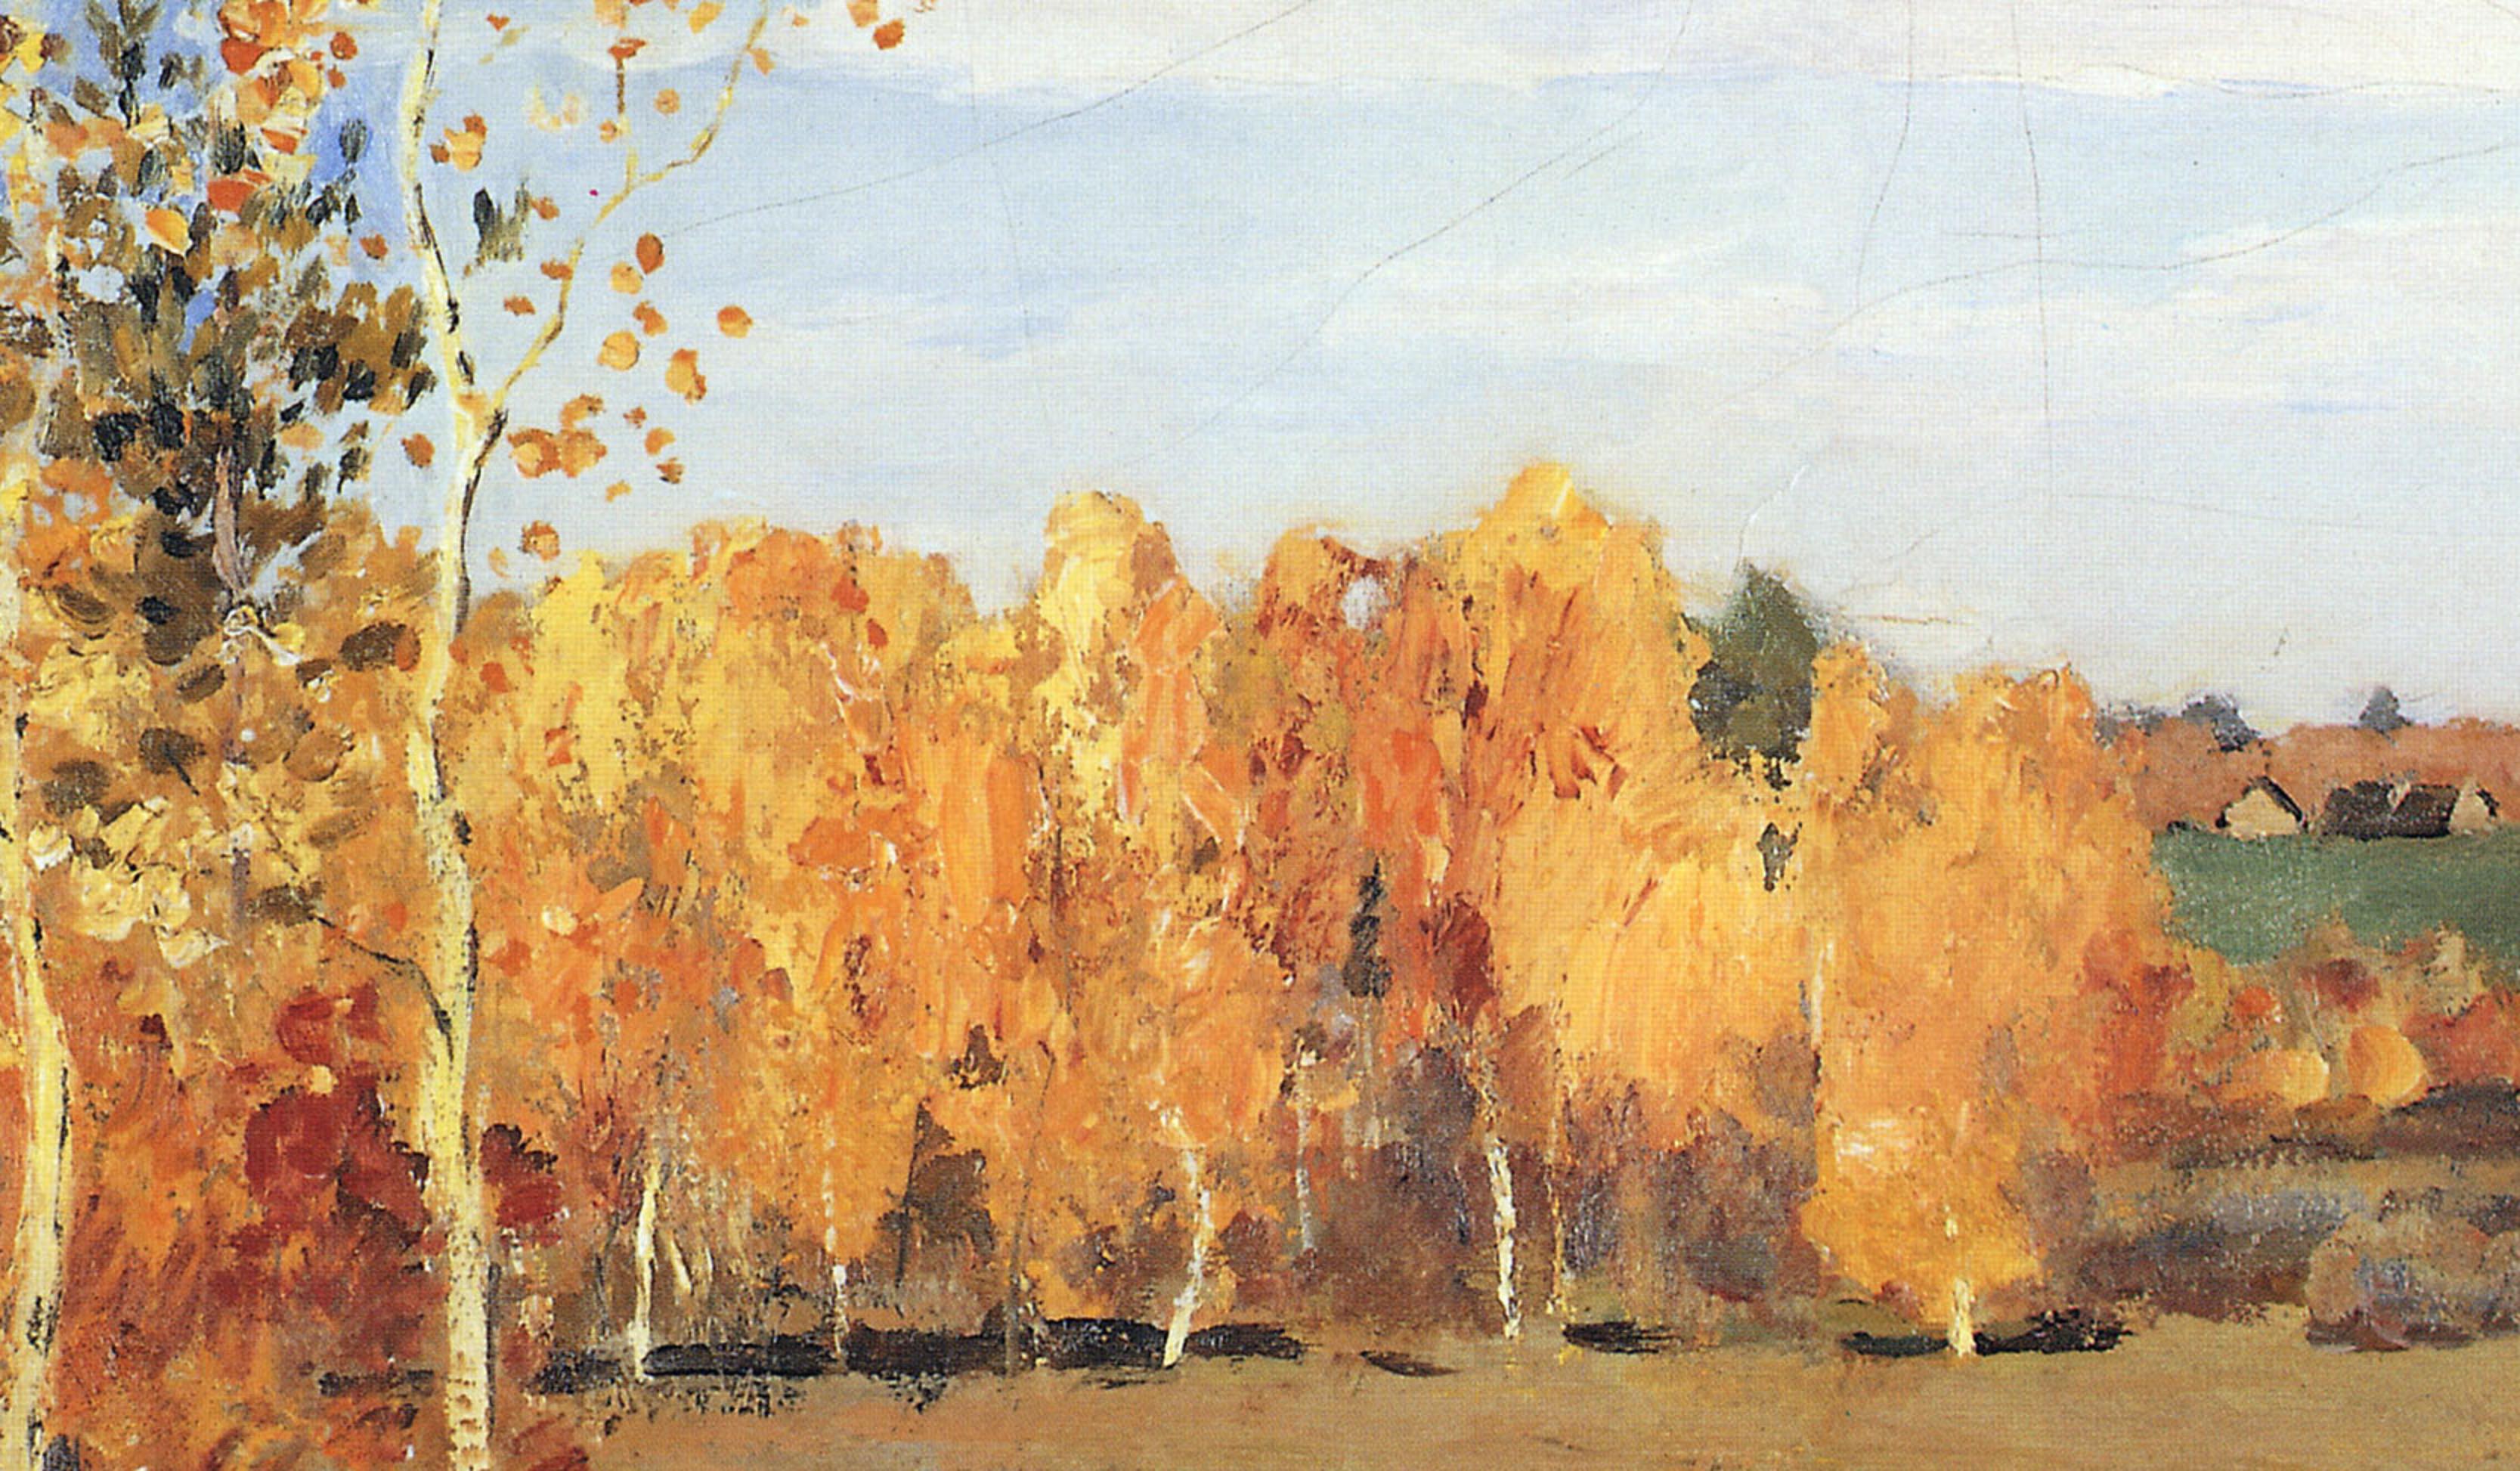 левитан осень в картинках для мое сочинение, тоже